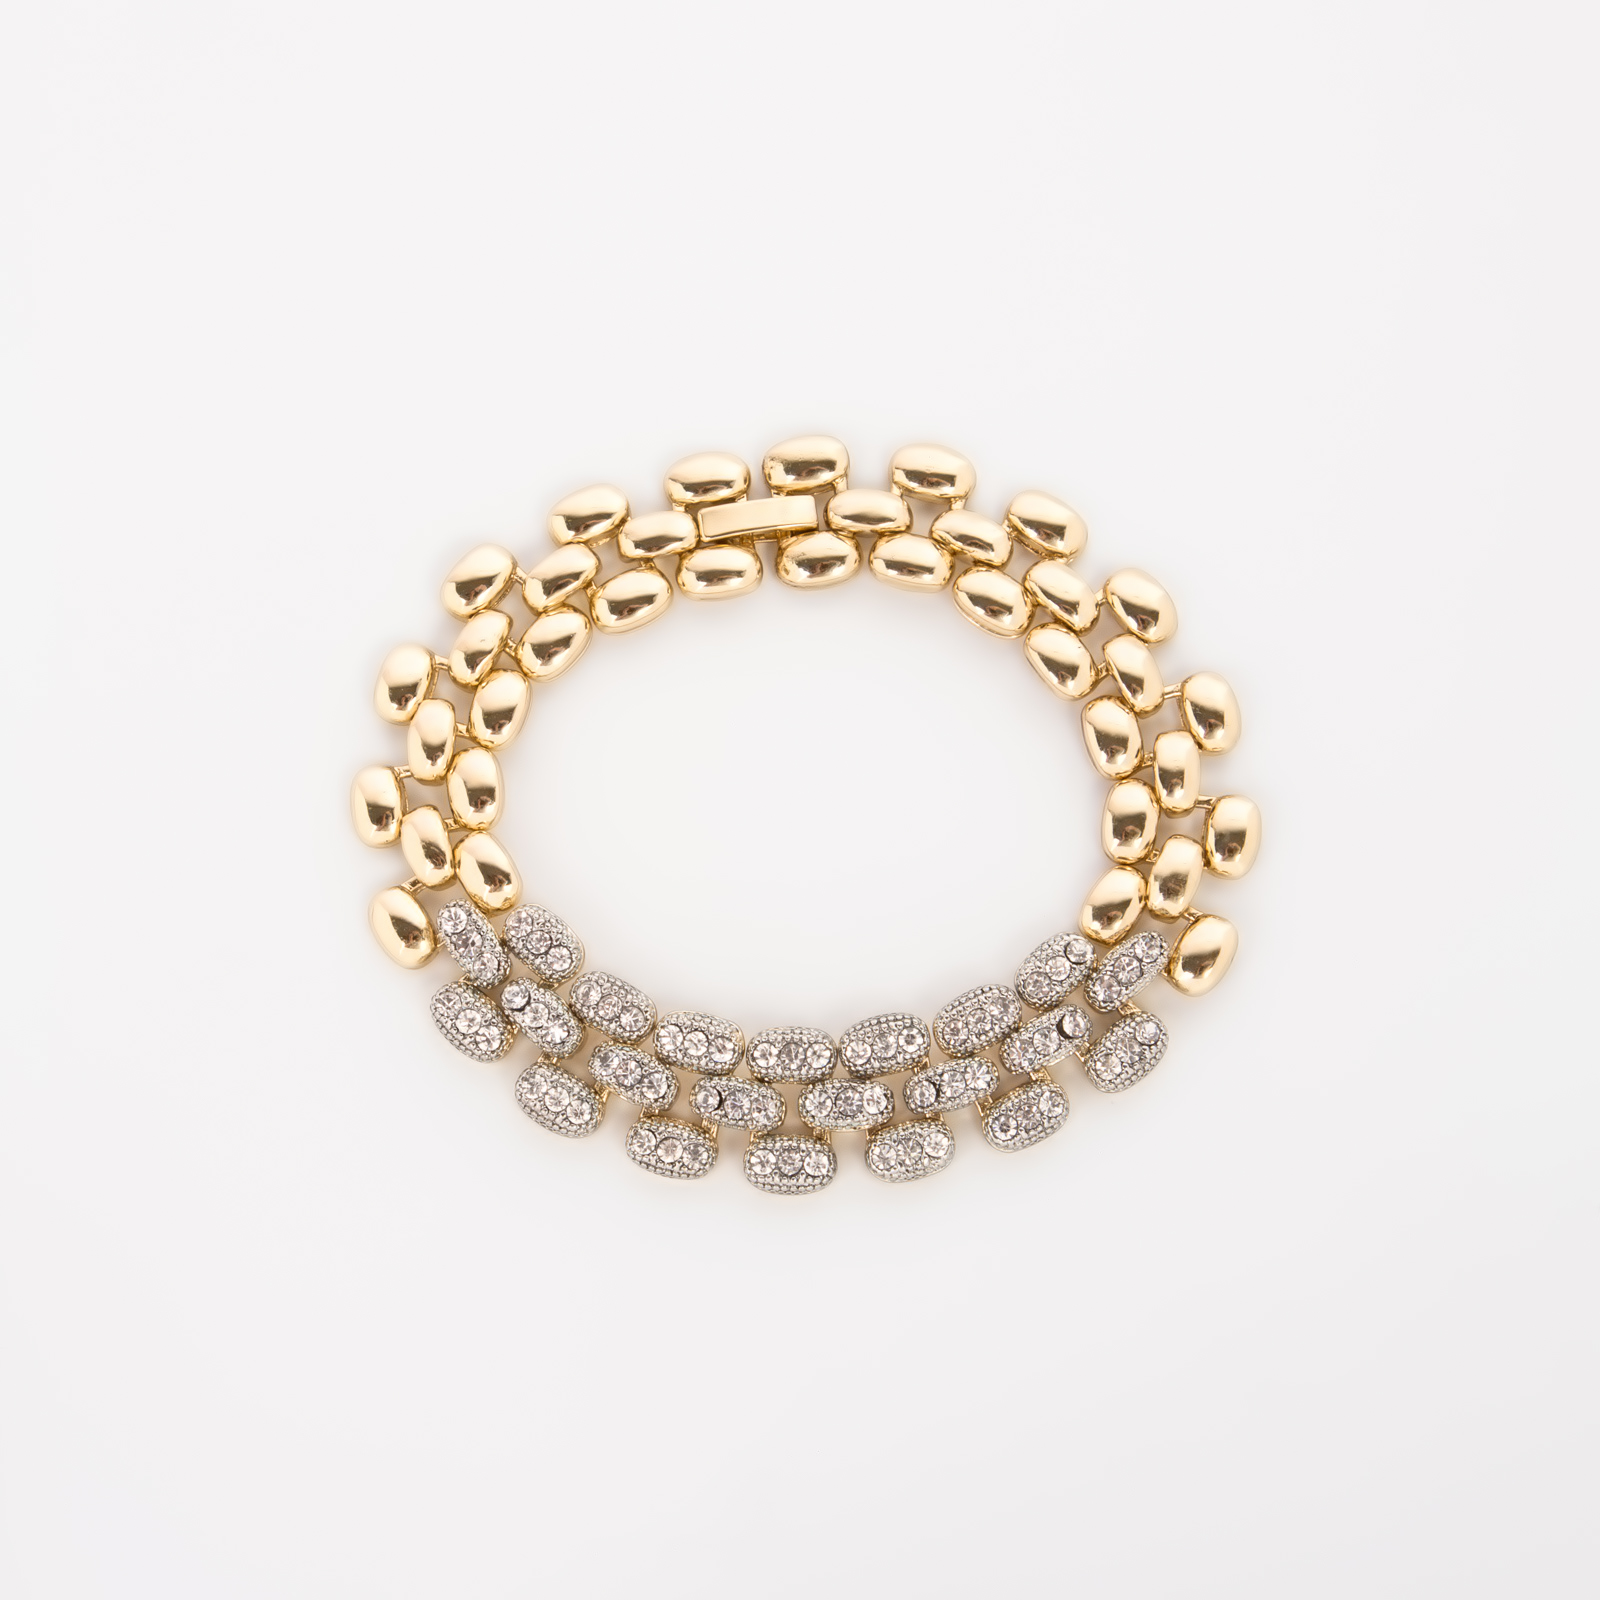 Браслет «Желание принцессы» купить браслет пандора в интернет магазине оригинал